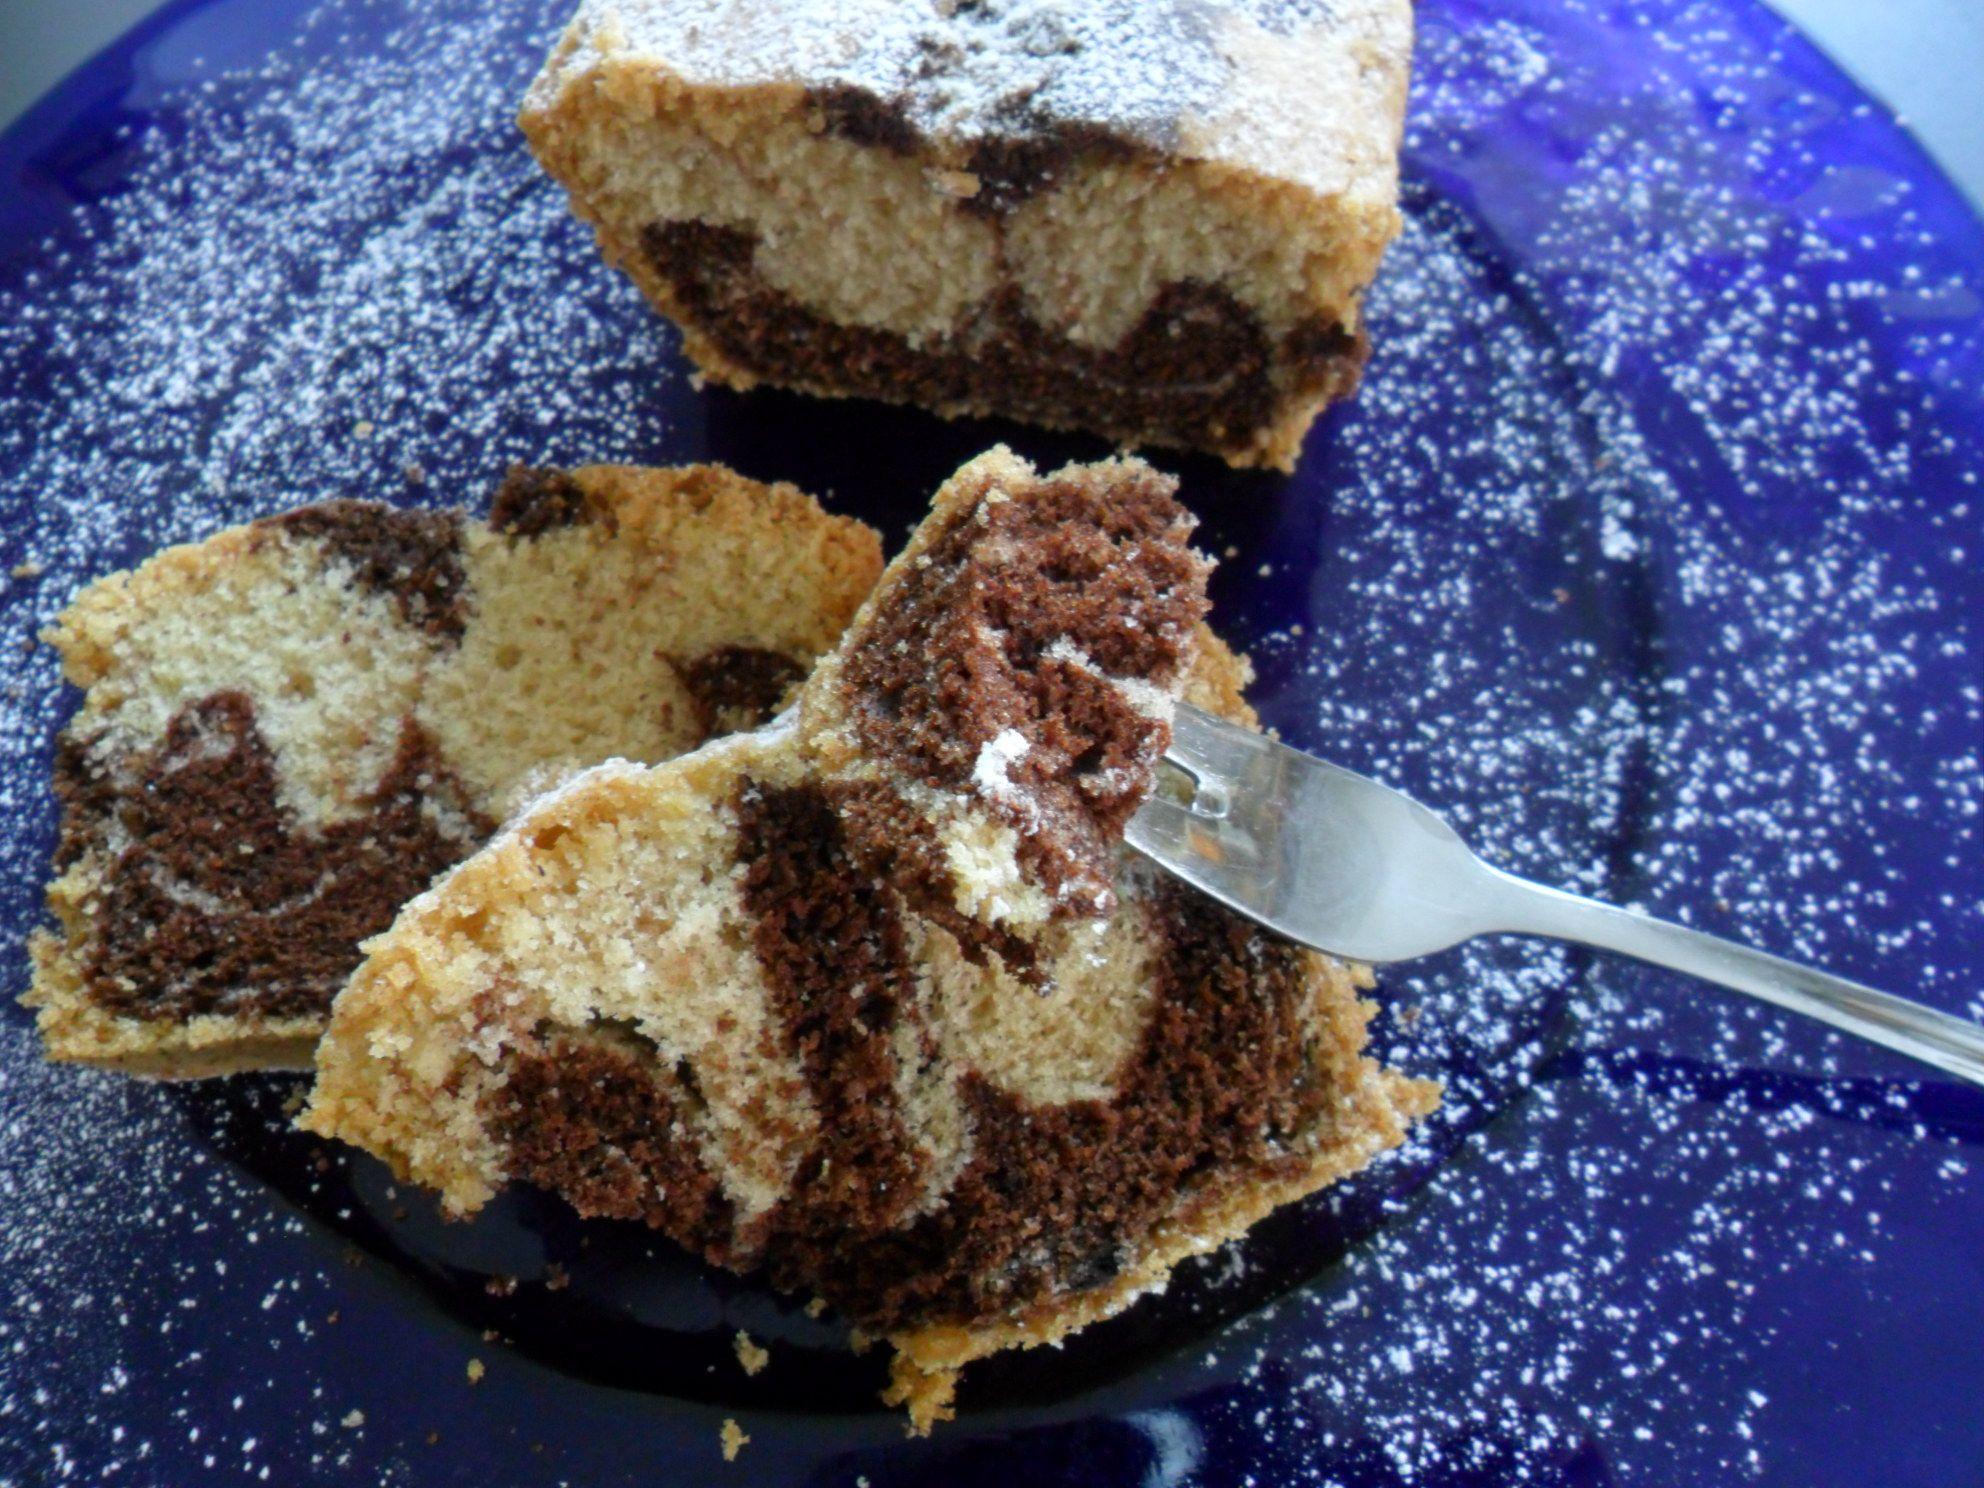 Gluten-free marble cake with icing sugar. (Haselnuss-Schichtkuchen mit Puderzucker überzogen)